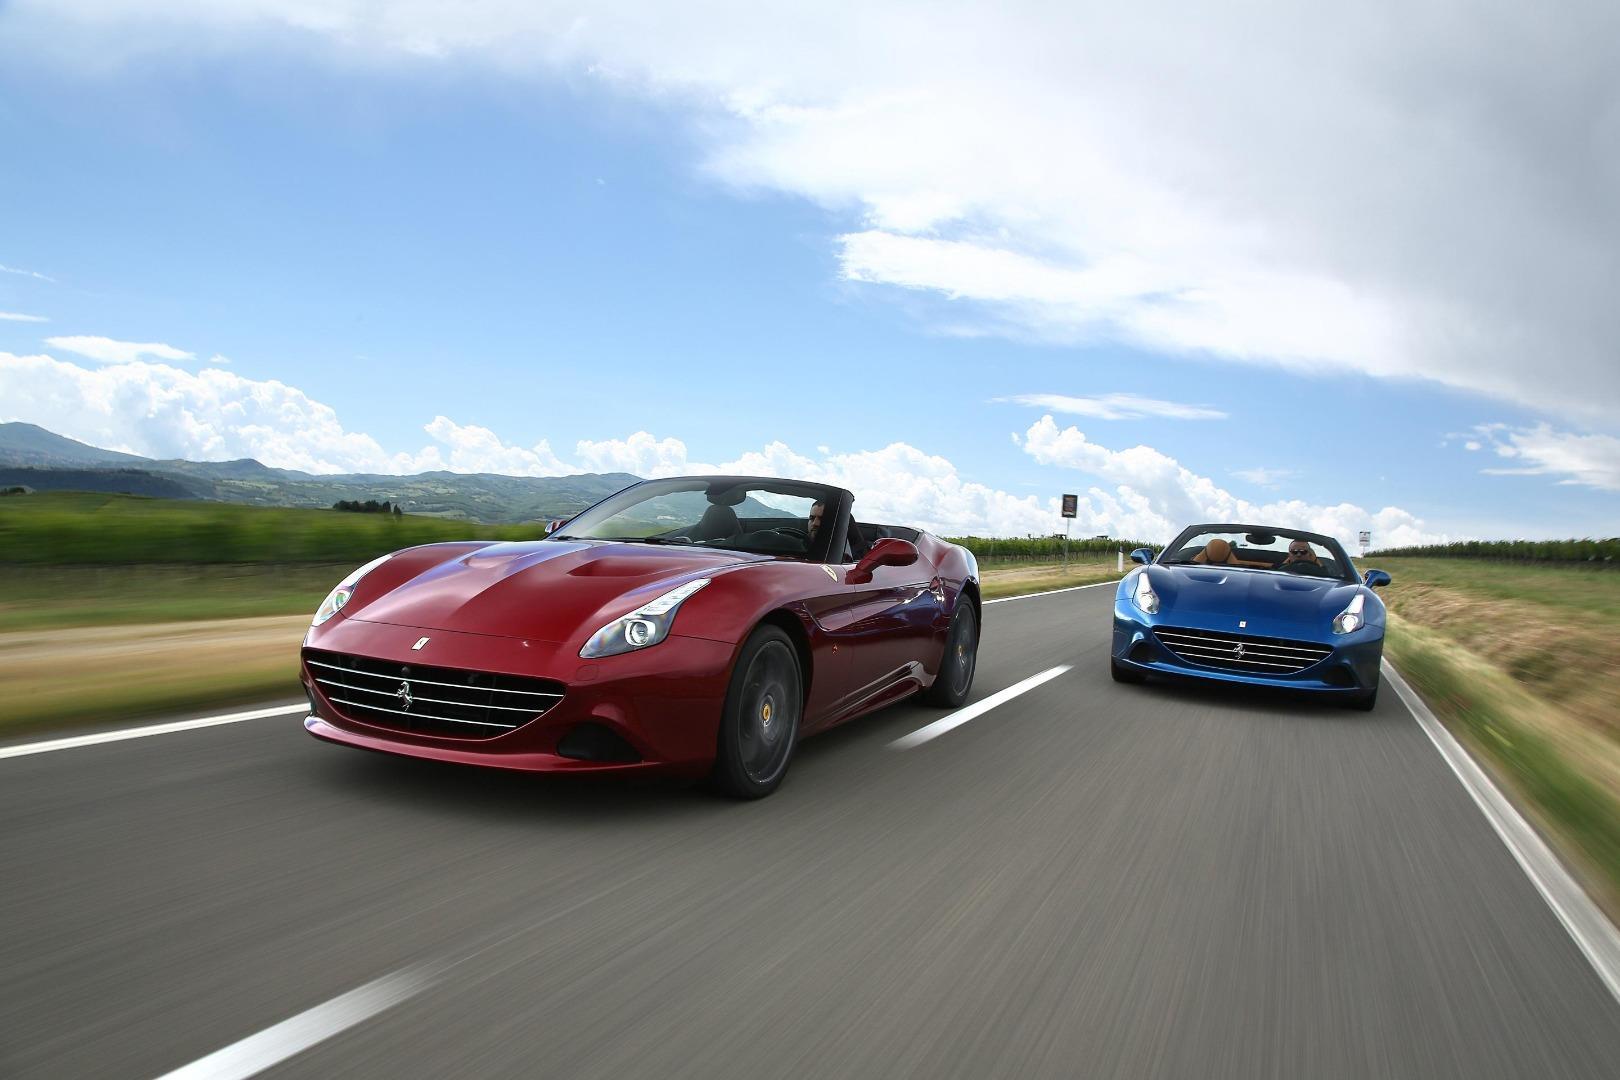 Ferrari California vs Maserati GranCabrio vs Porsche 911 ...